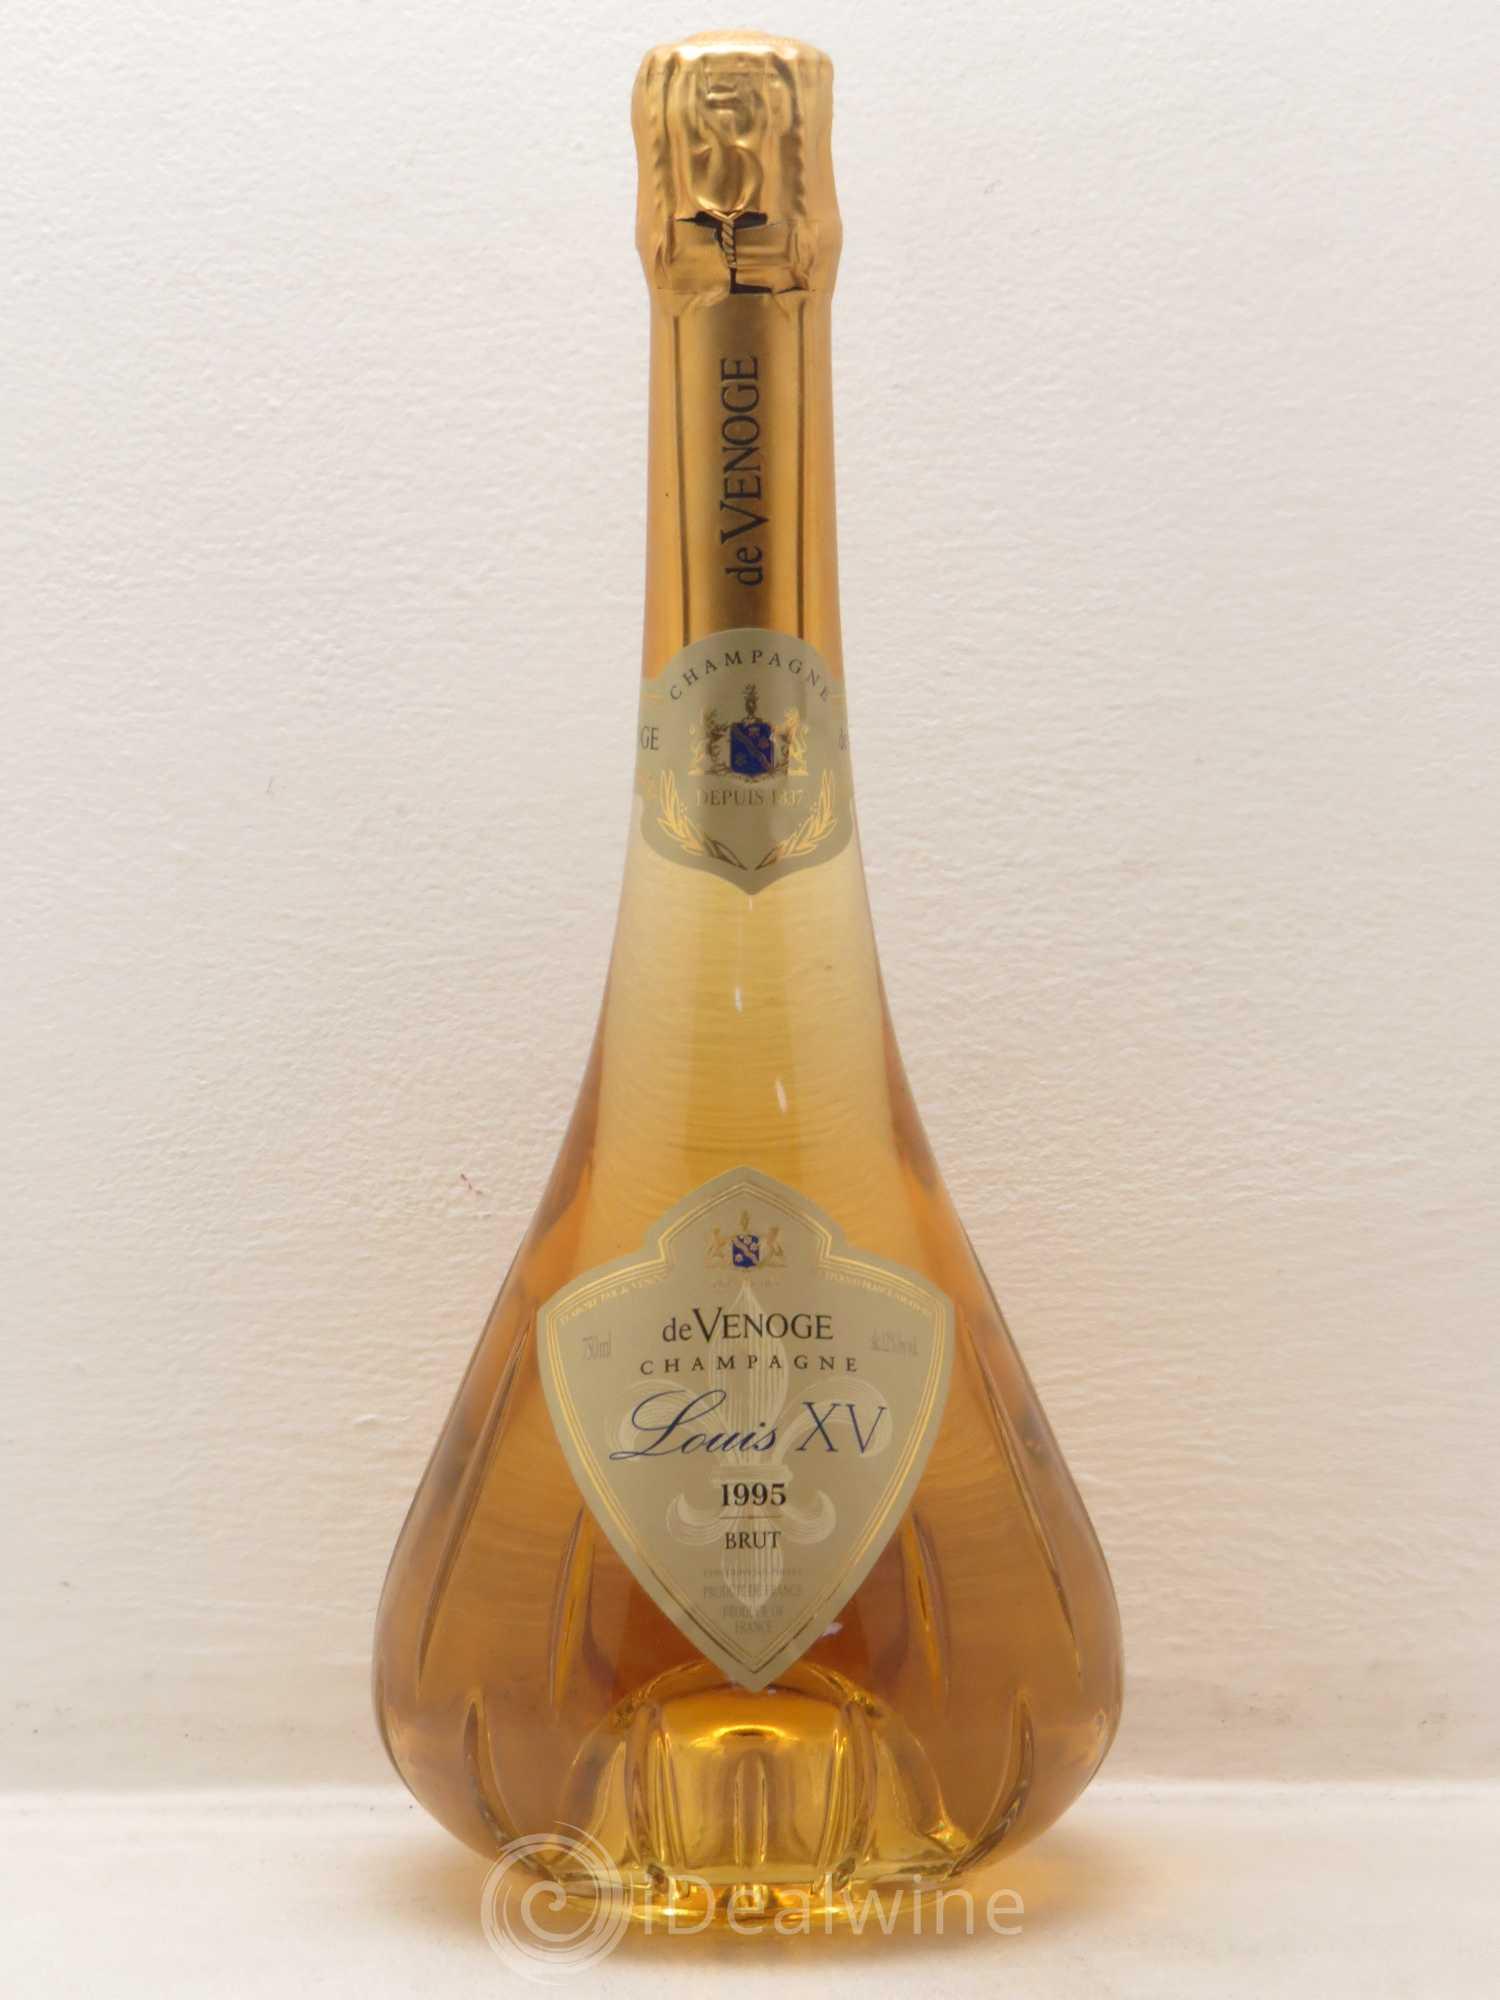 Buy Brut Champagne Cuvée Louis XV - de Venoge 1995 (lot: 3150)